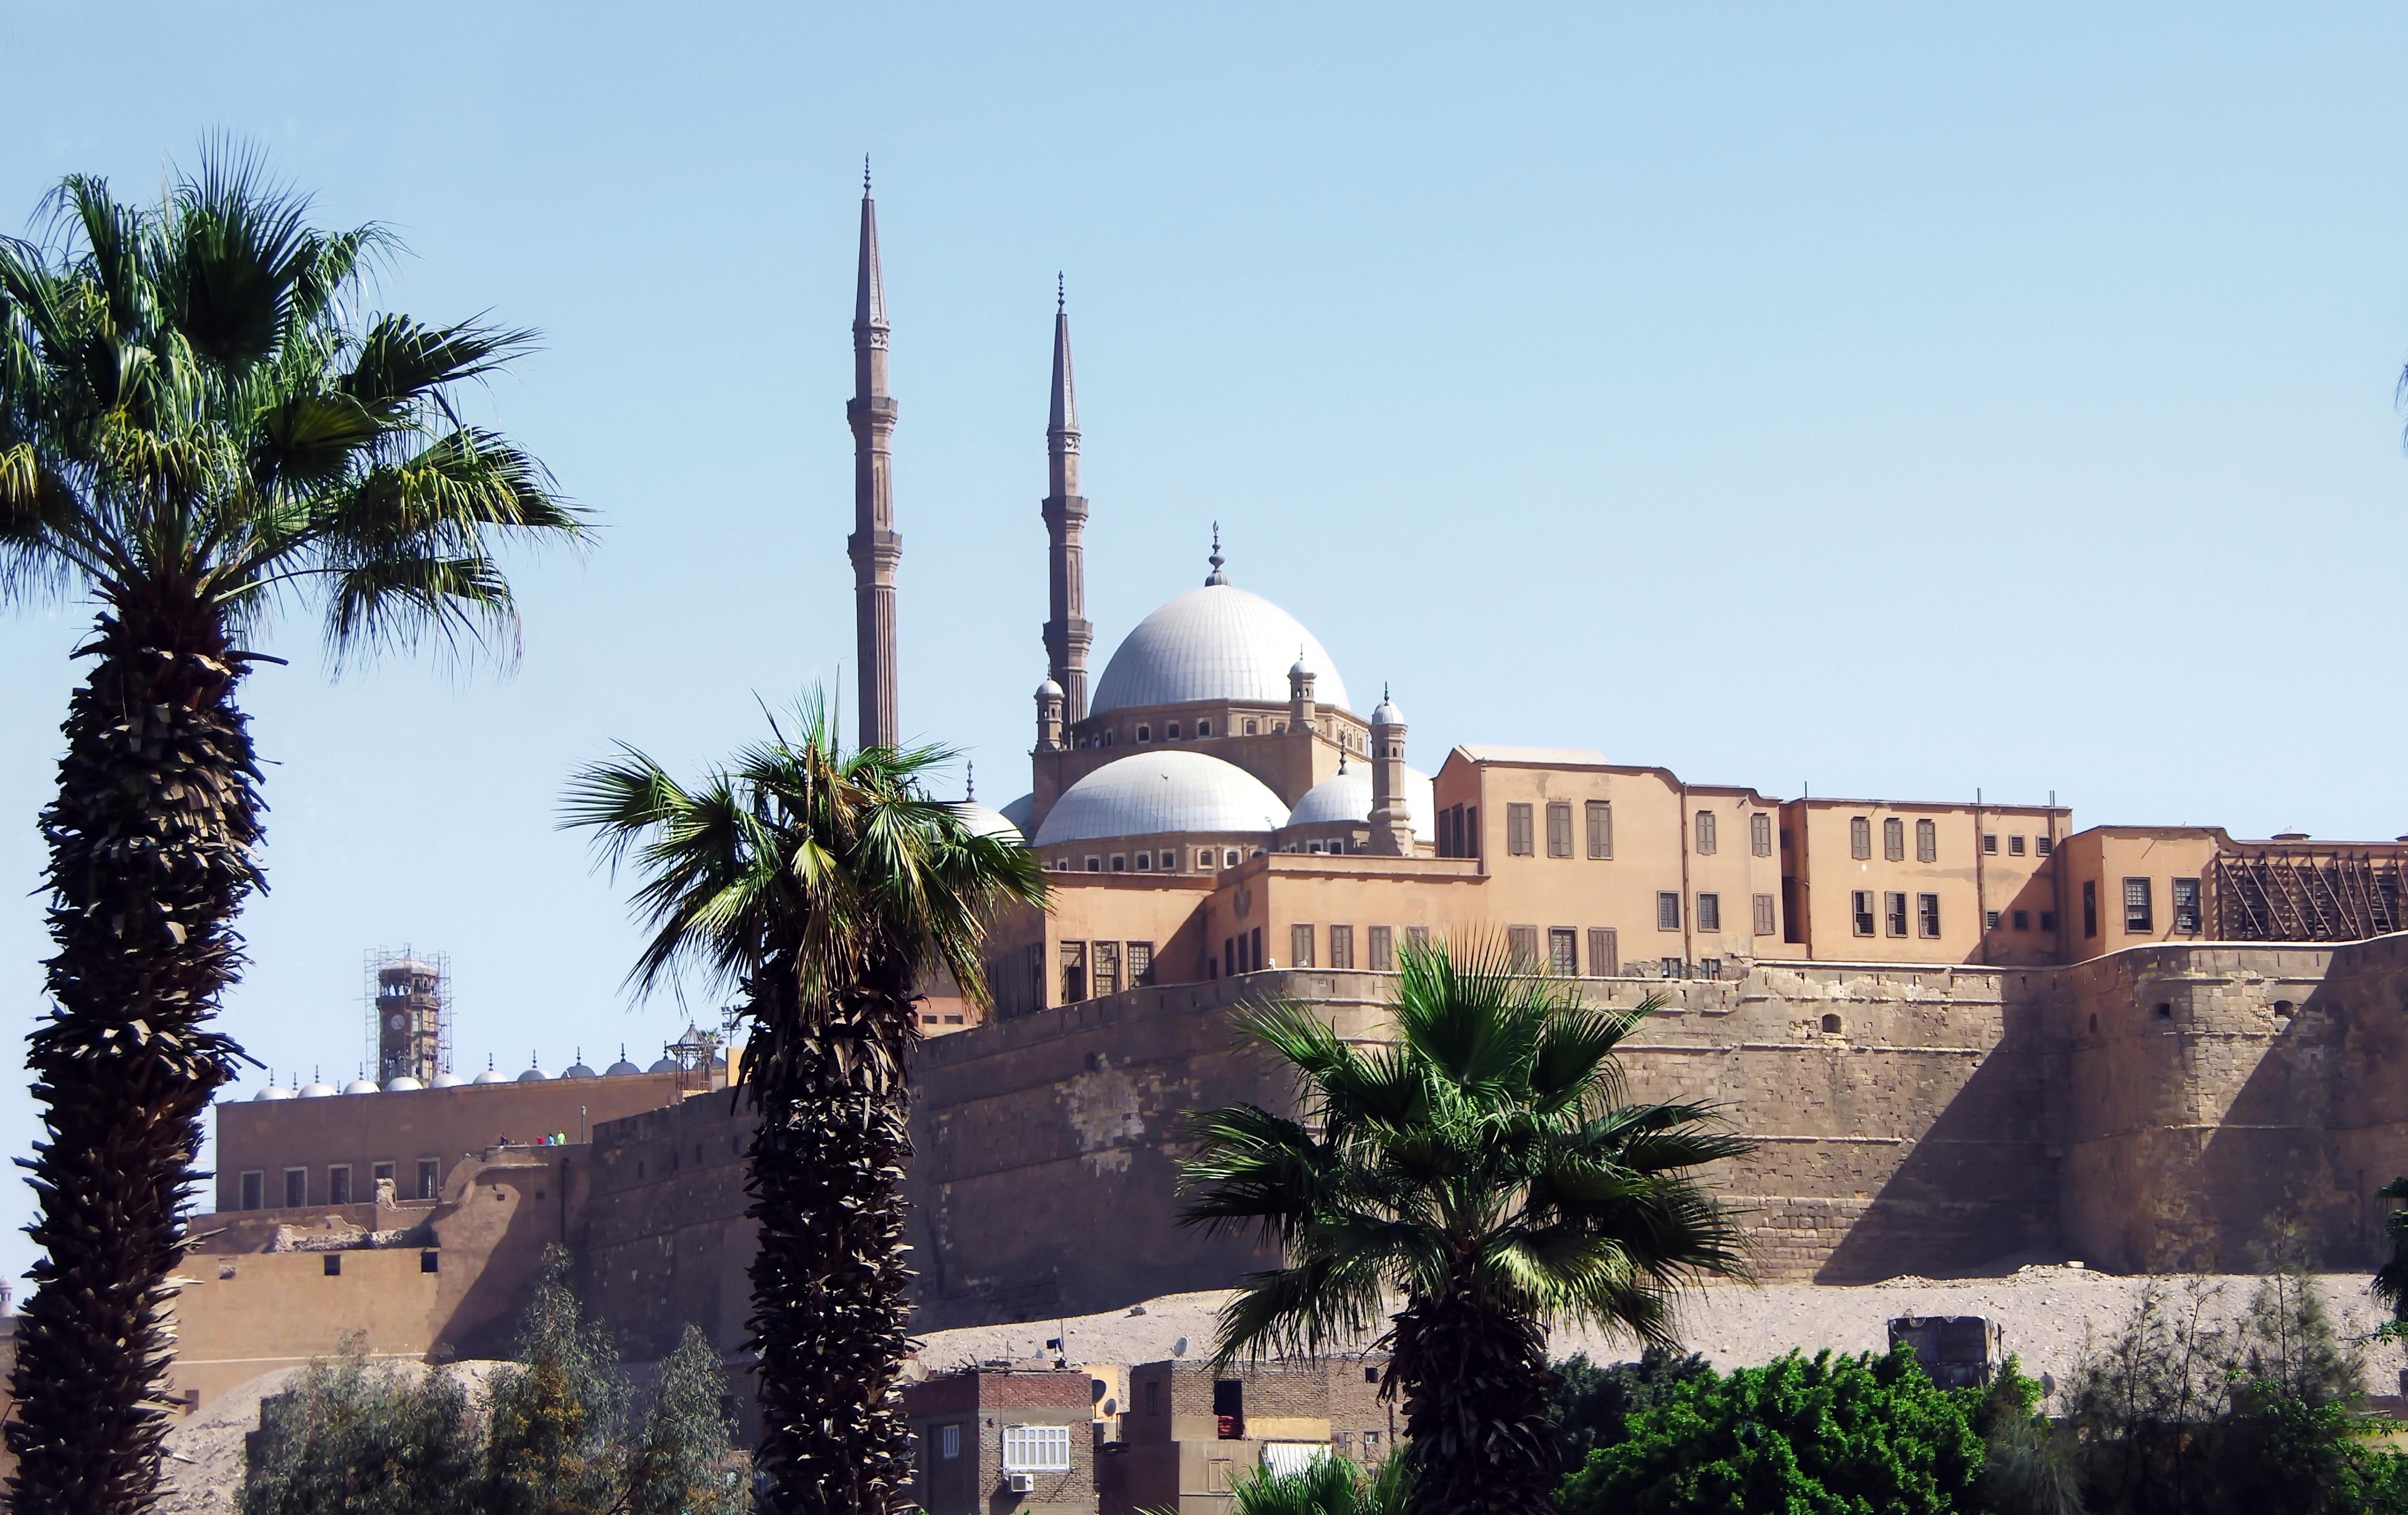 Tagesausflug in das islamische und koptische Viertel ab Kairo